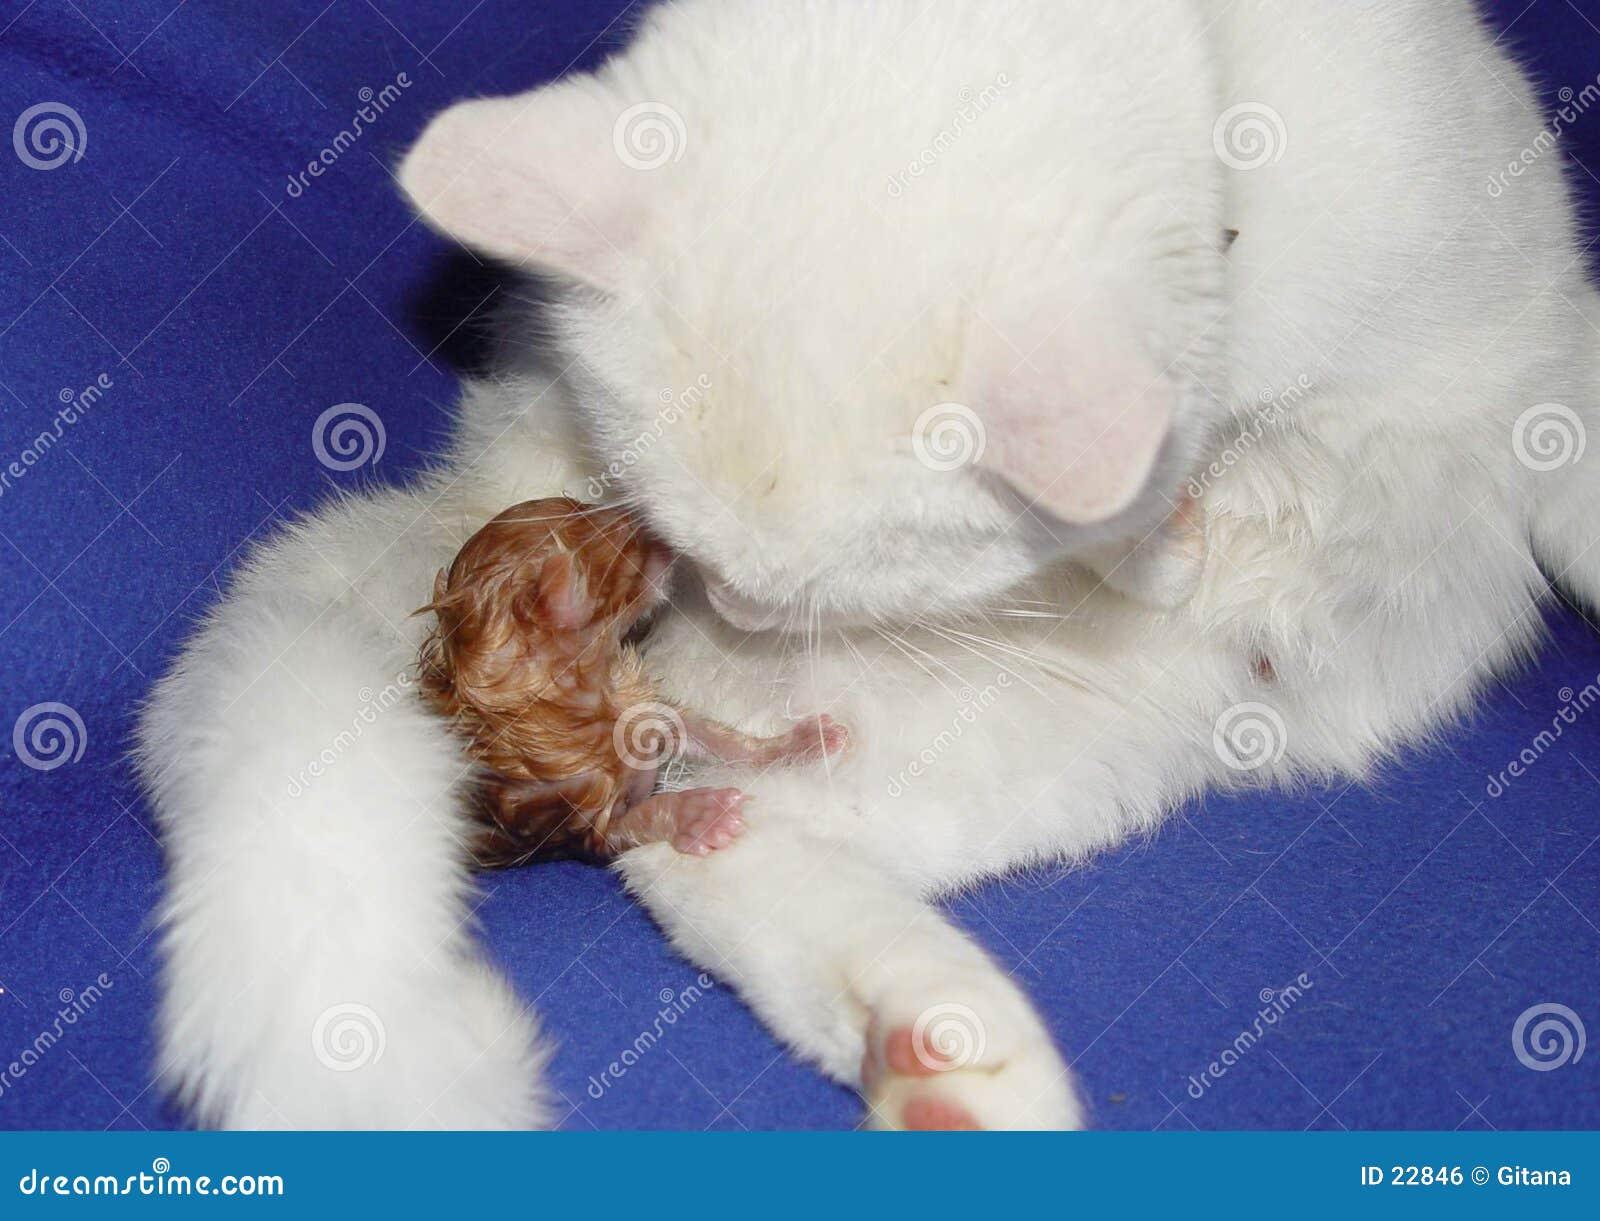 Meu gato começ o bebê